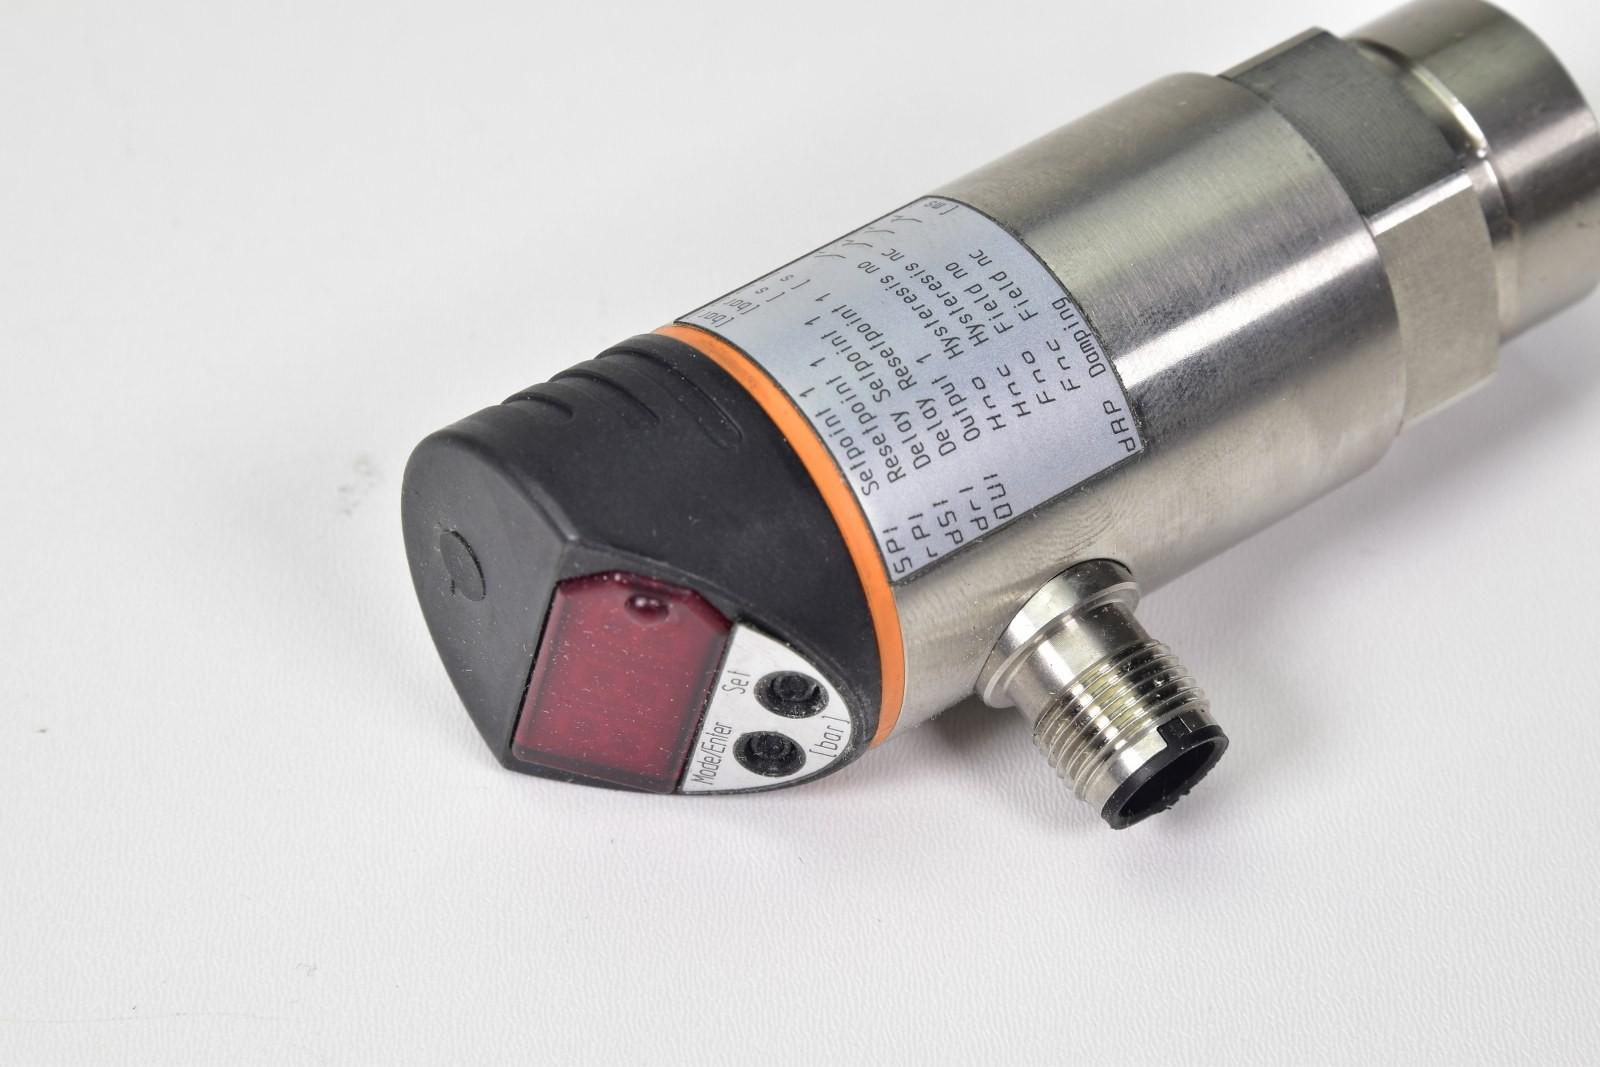 Ifm PN5021 PN-250-SBR14-HFPKG/US/ /V Pressure Sensors